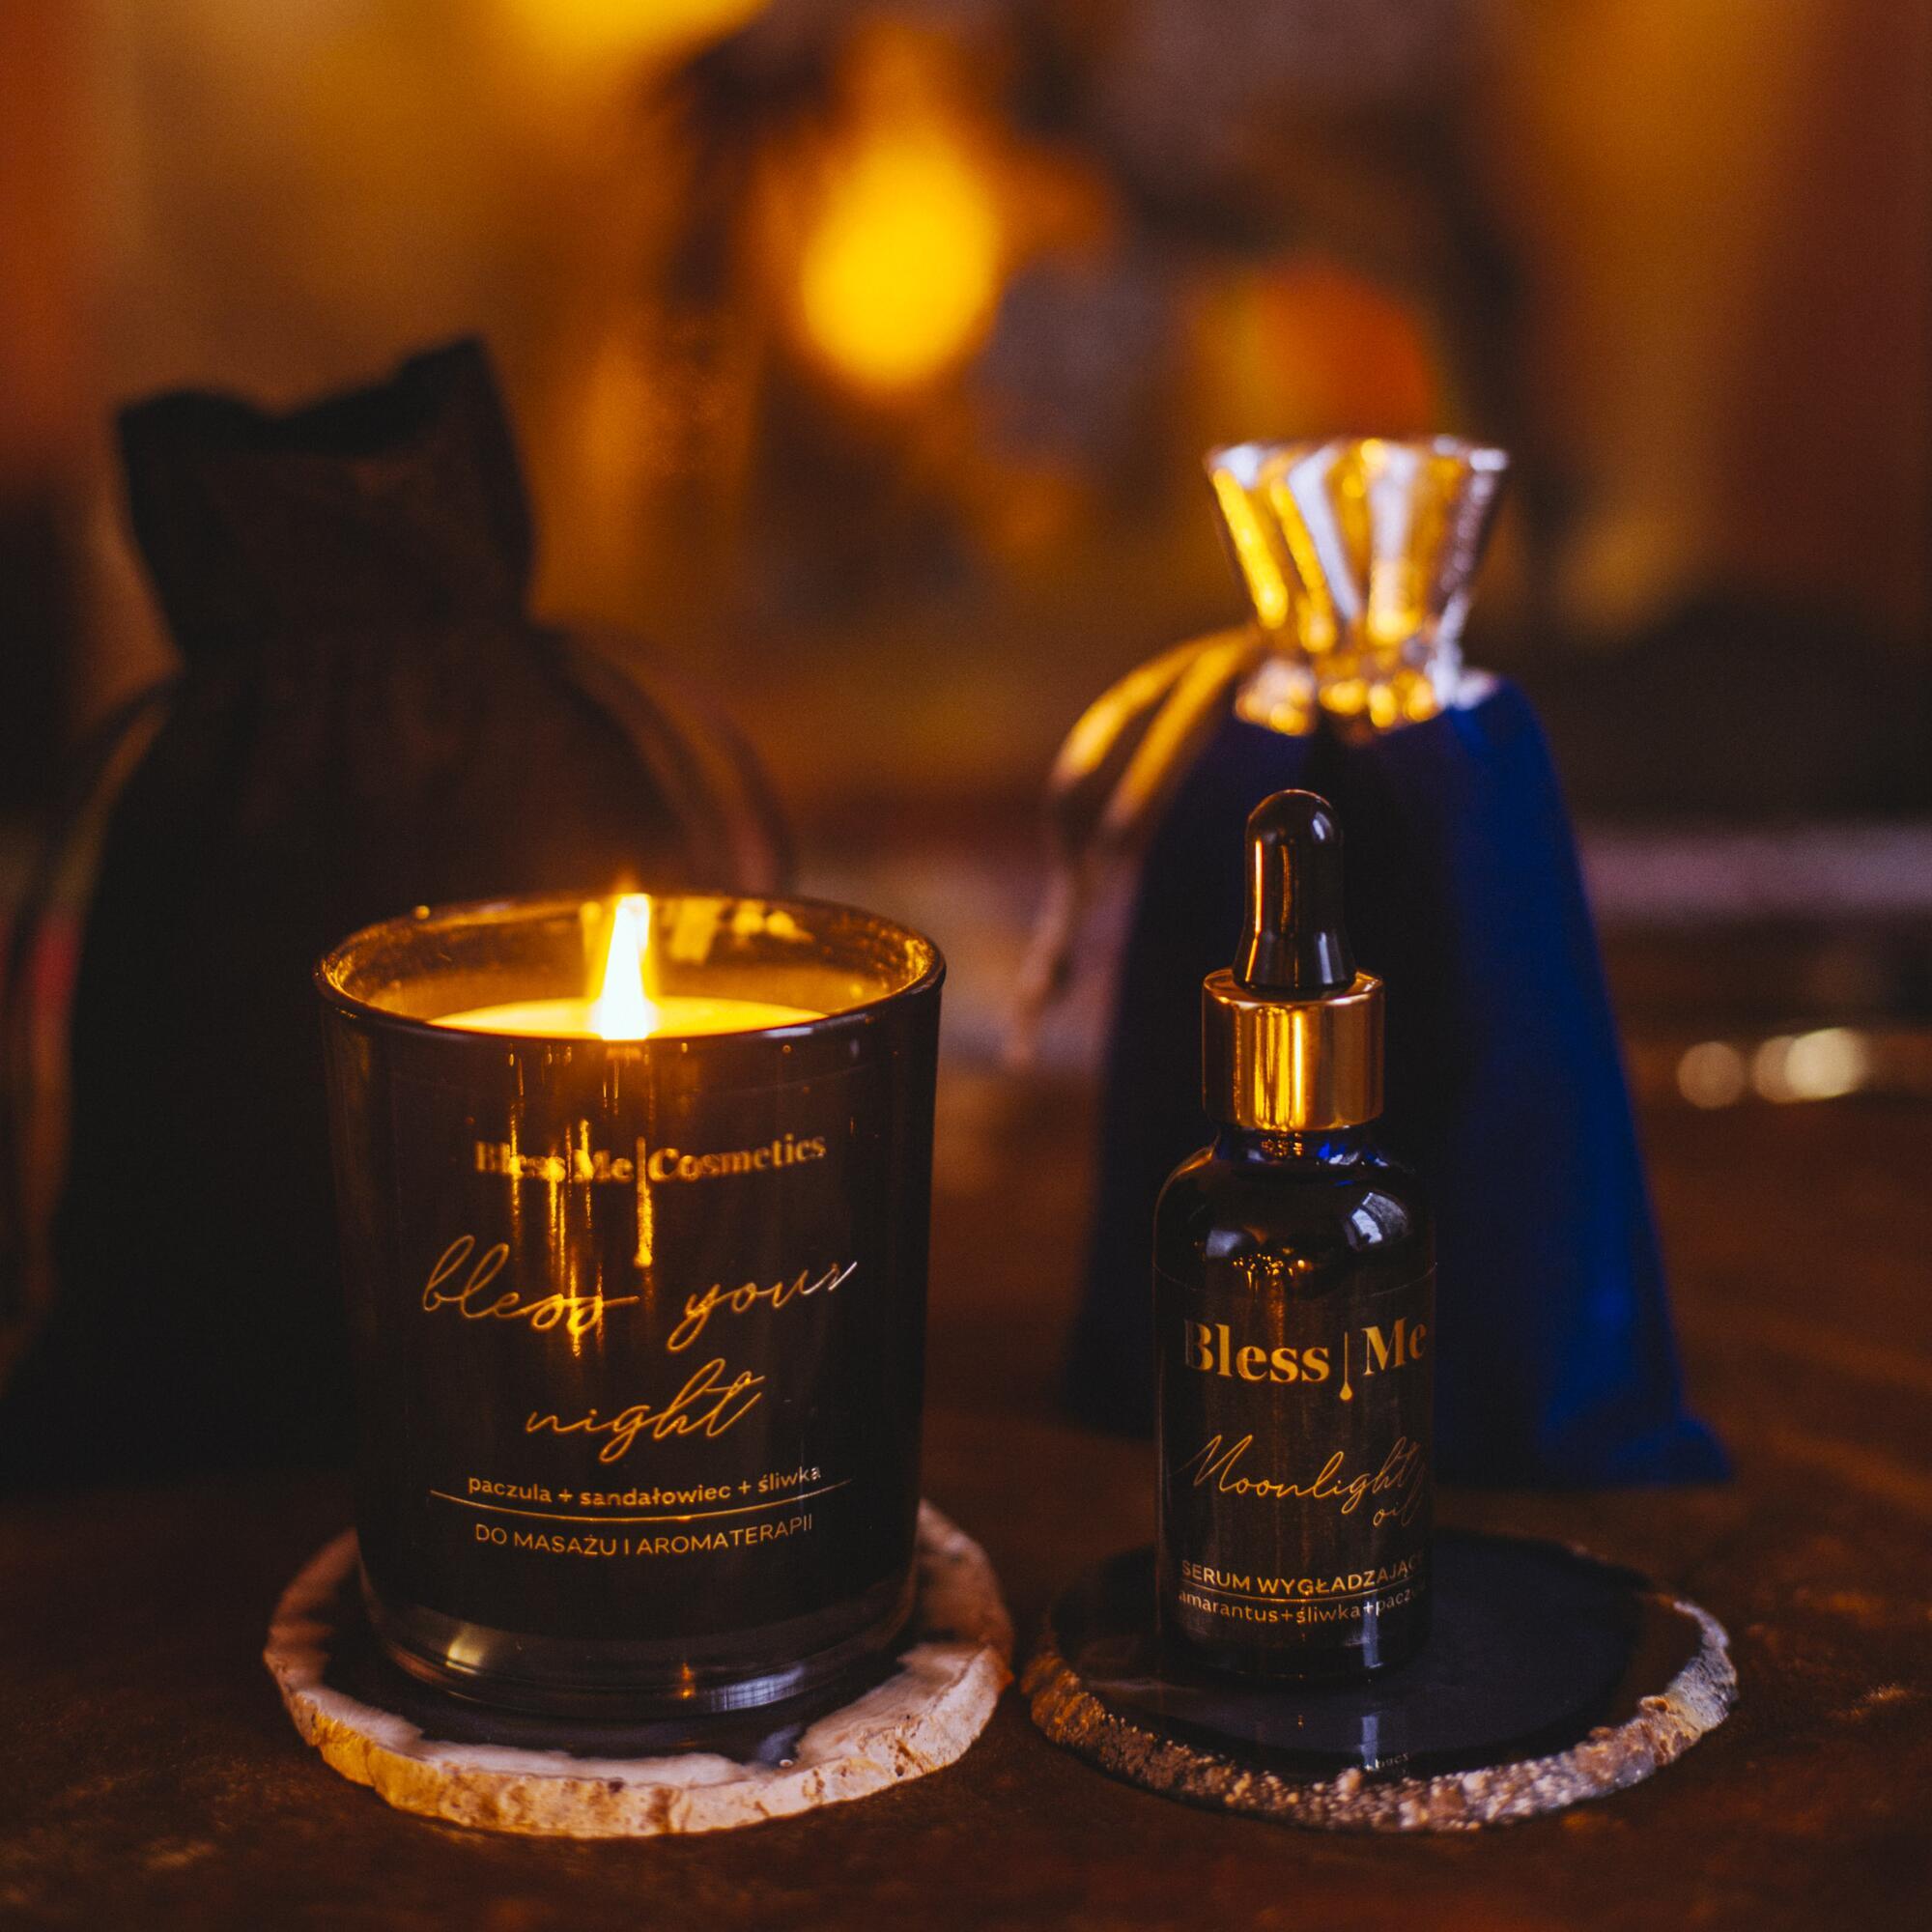 Zestaw: Serum Wygładzające Moonlight Oil 30 ml i Świeca Bless Your Night - Bless Me Cosmetics | JestemSlow.pl